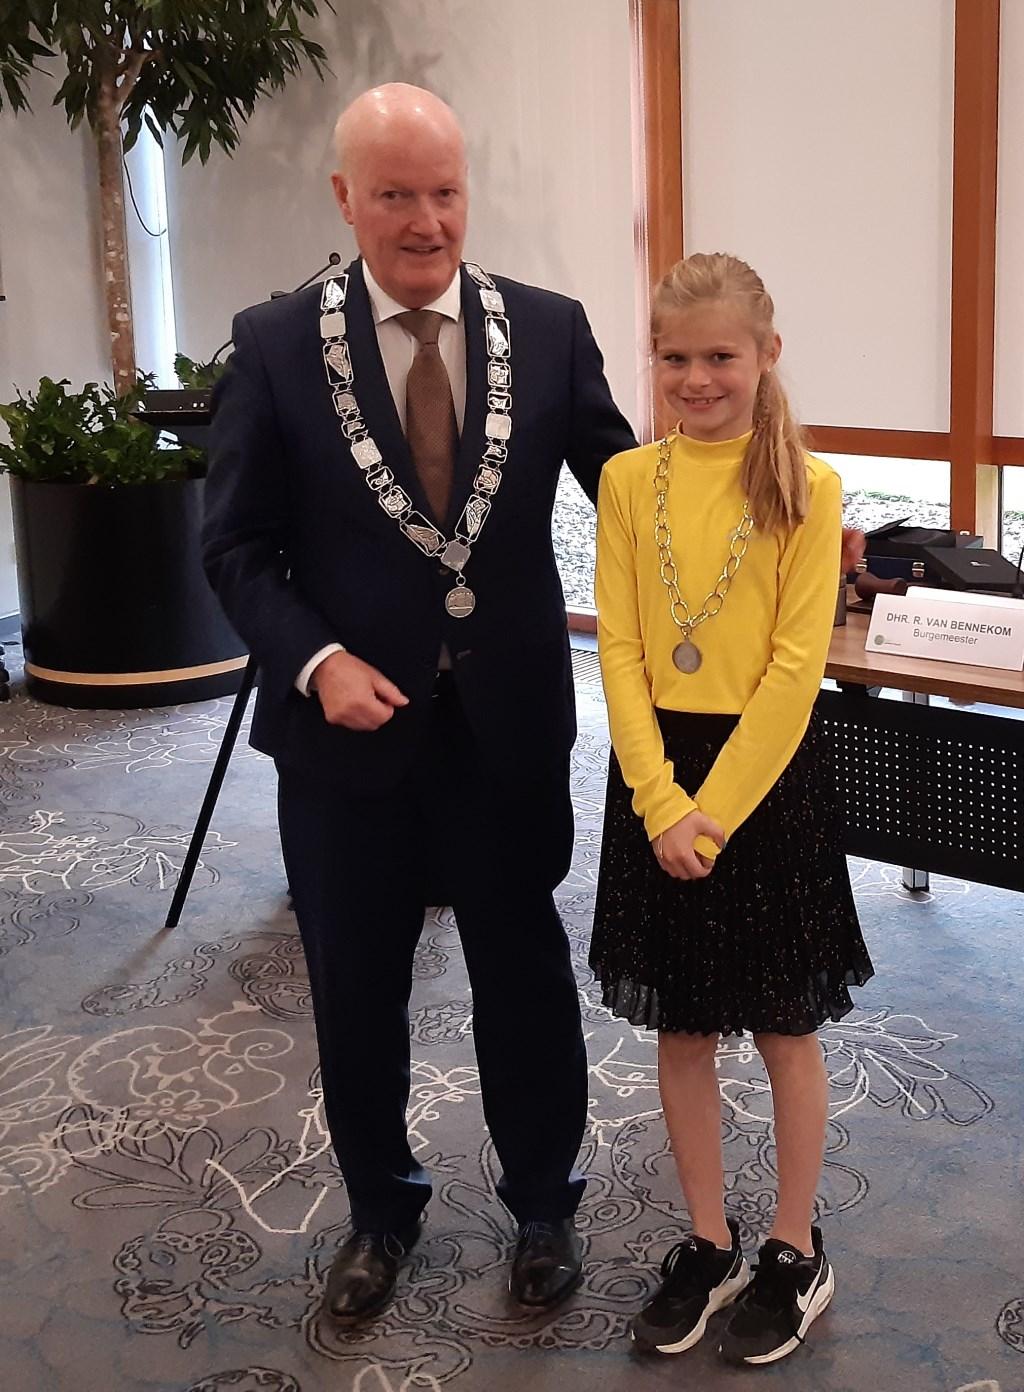 De twee Bunnikse burgemeesters Kuun Jenniskens © BDU media